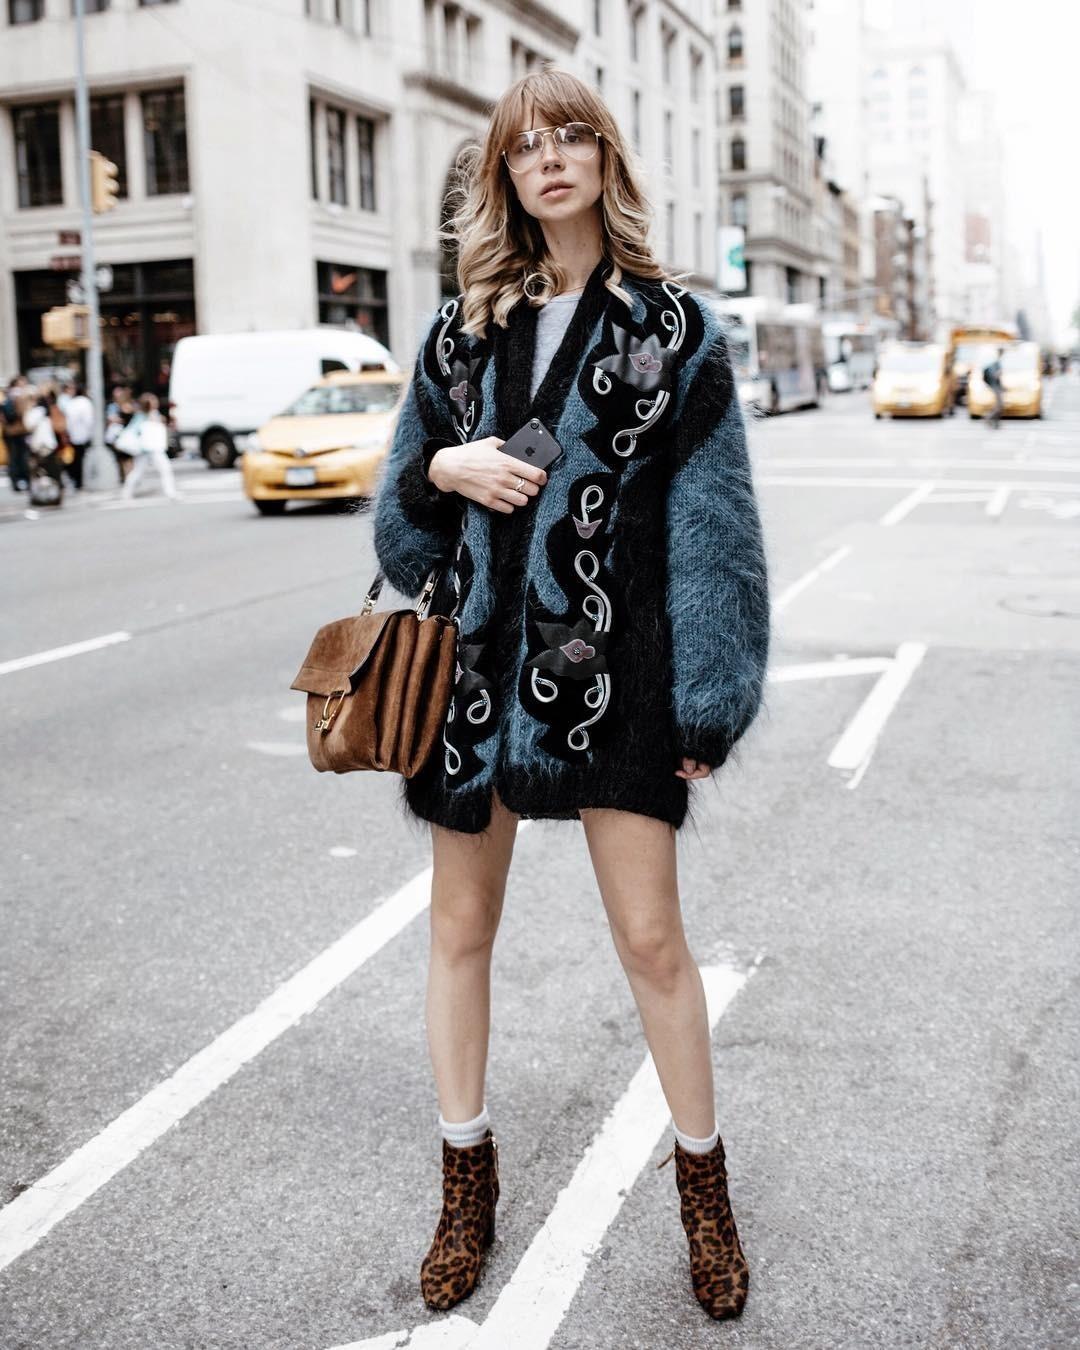 Мода циклична и, крадости многих модниц, вэтом году напике популярности оказались вещи, будто избабушкиного гардероба. Почему бы непозаимствовать что-нибудь дляпраздничной ночи? Есл...